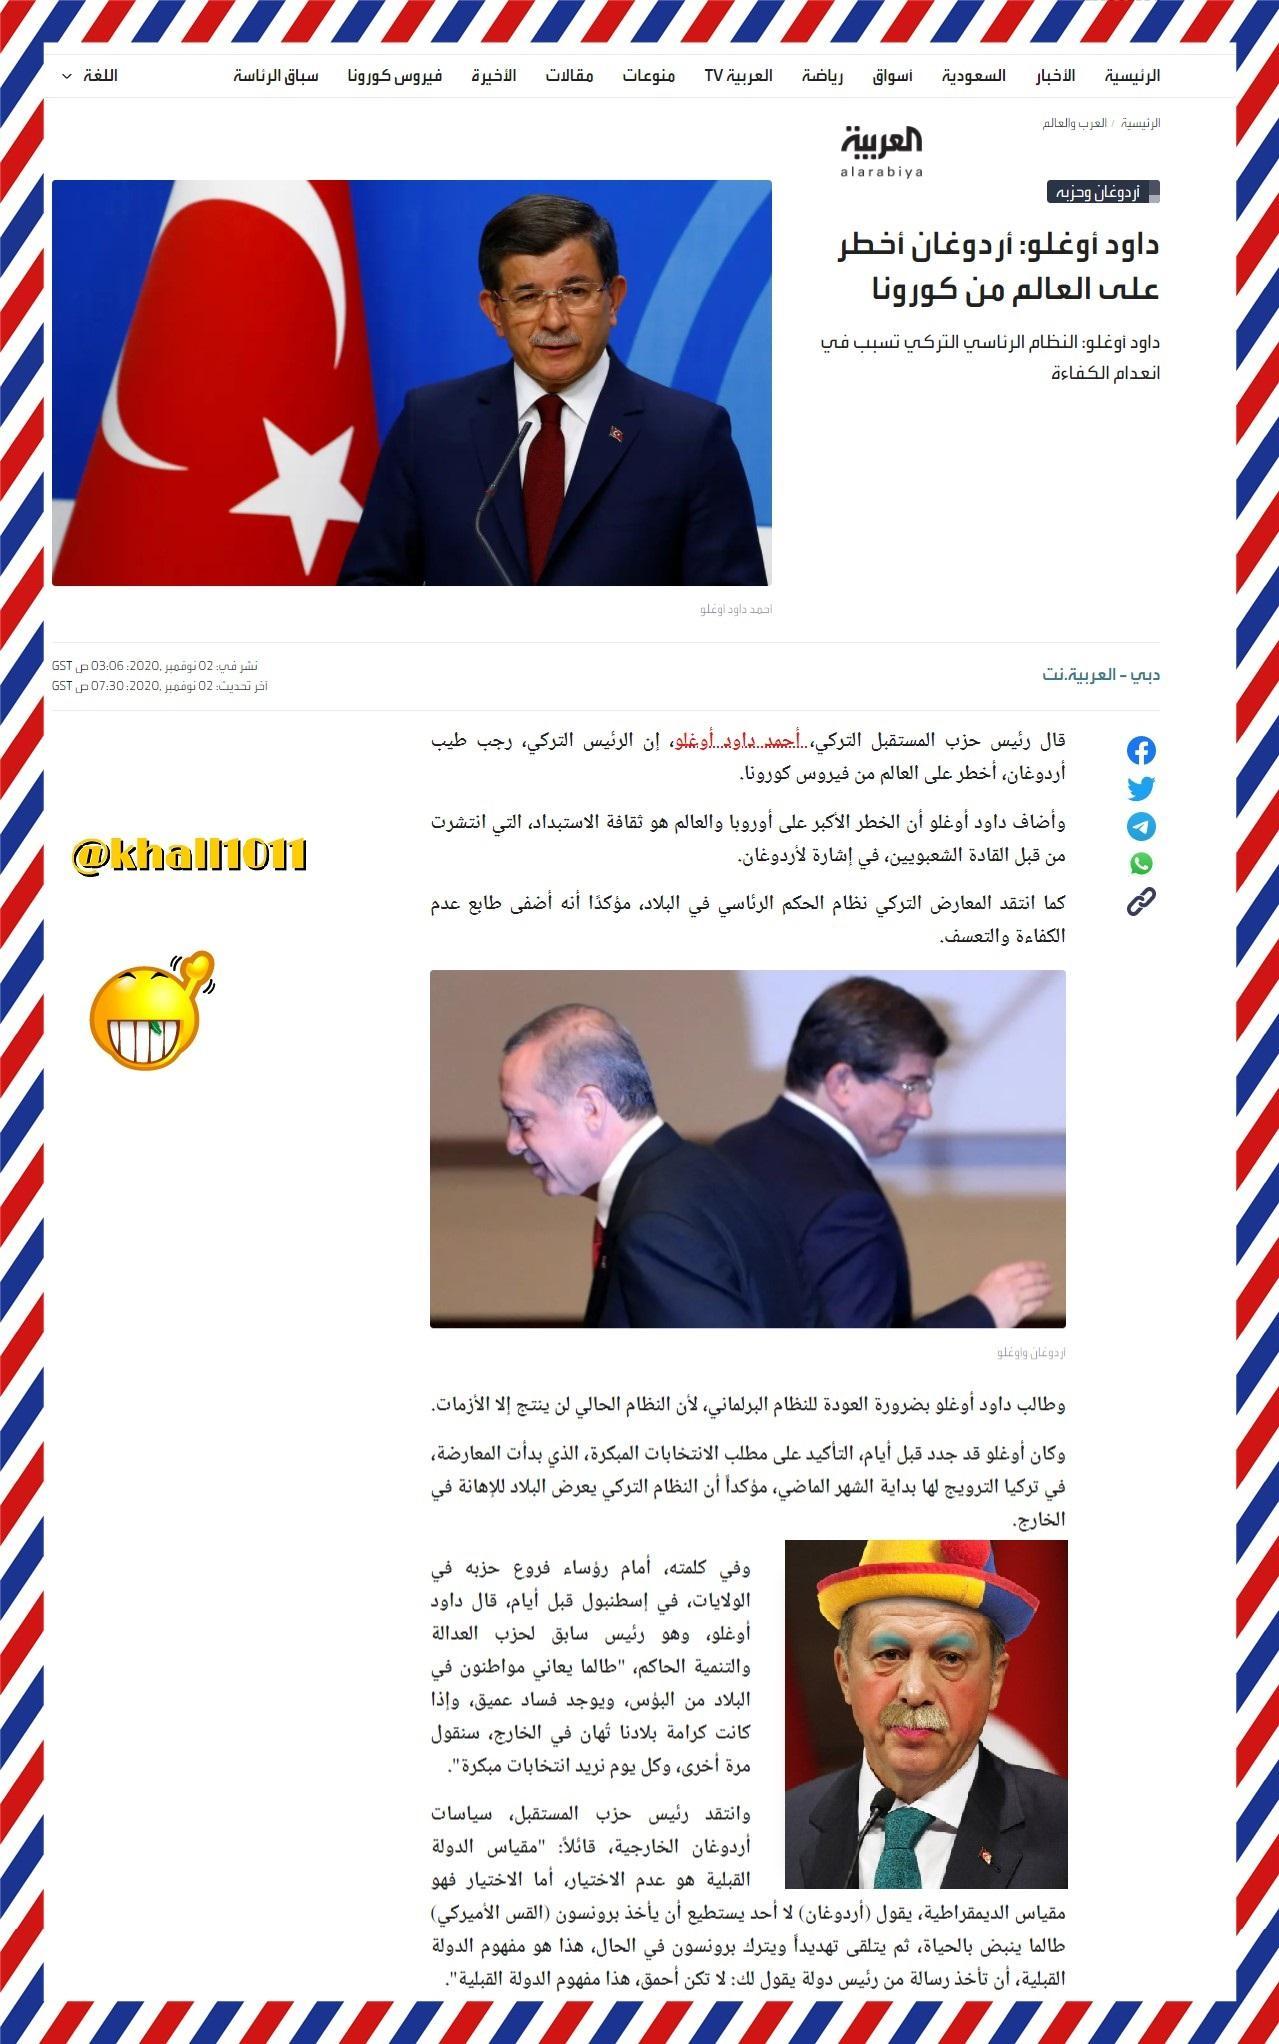 رد: الإخبارية السعودية : أردوغان بوجهين 🤣😂🤣